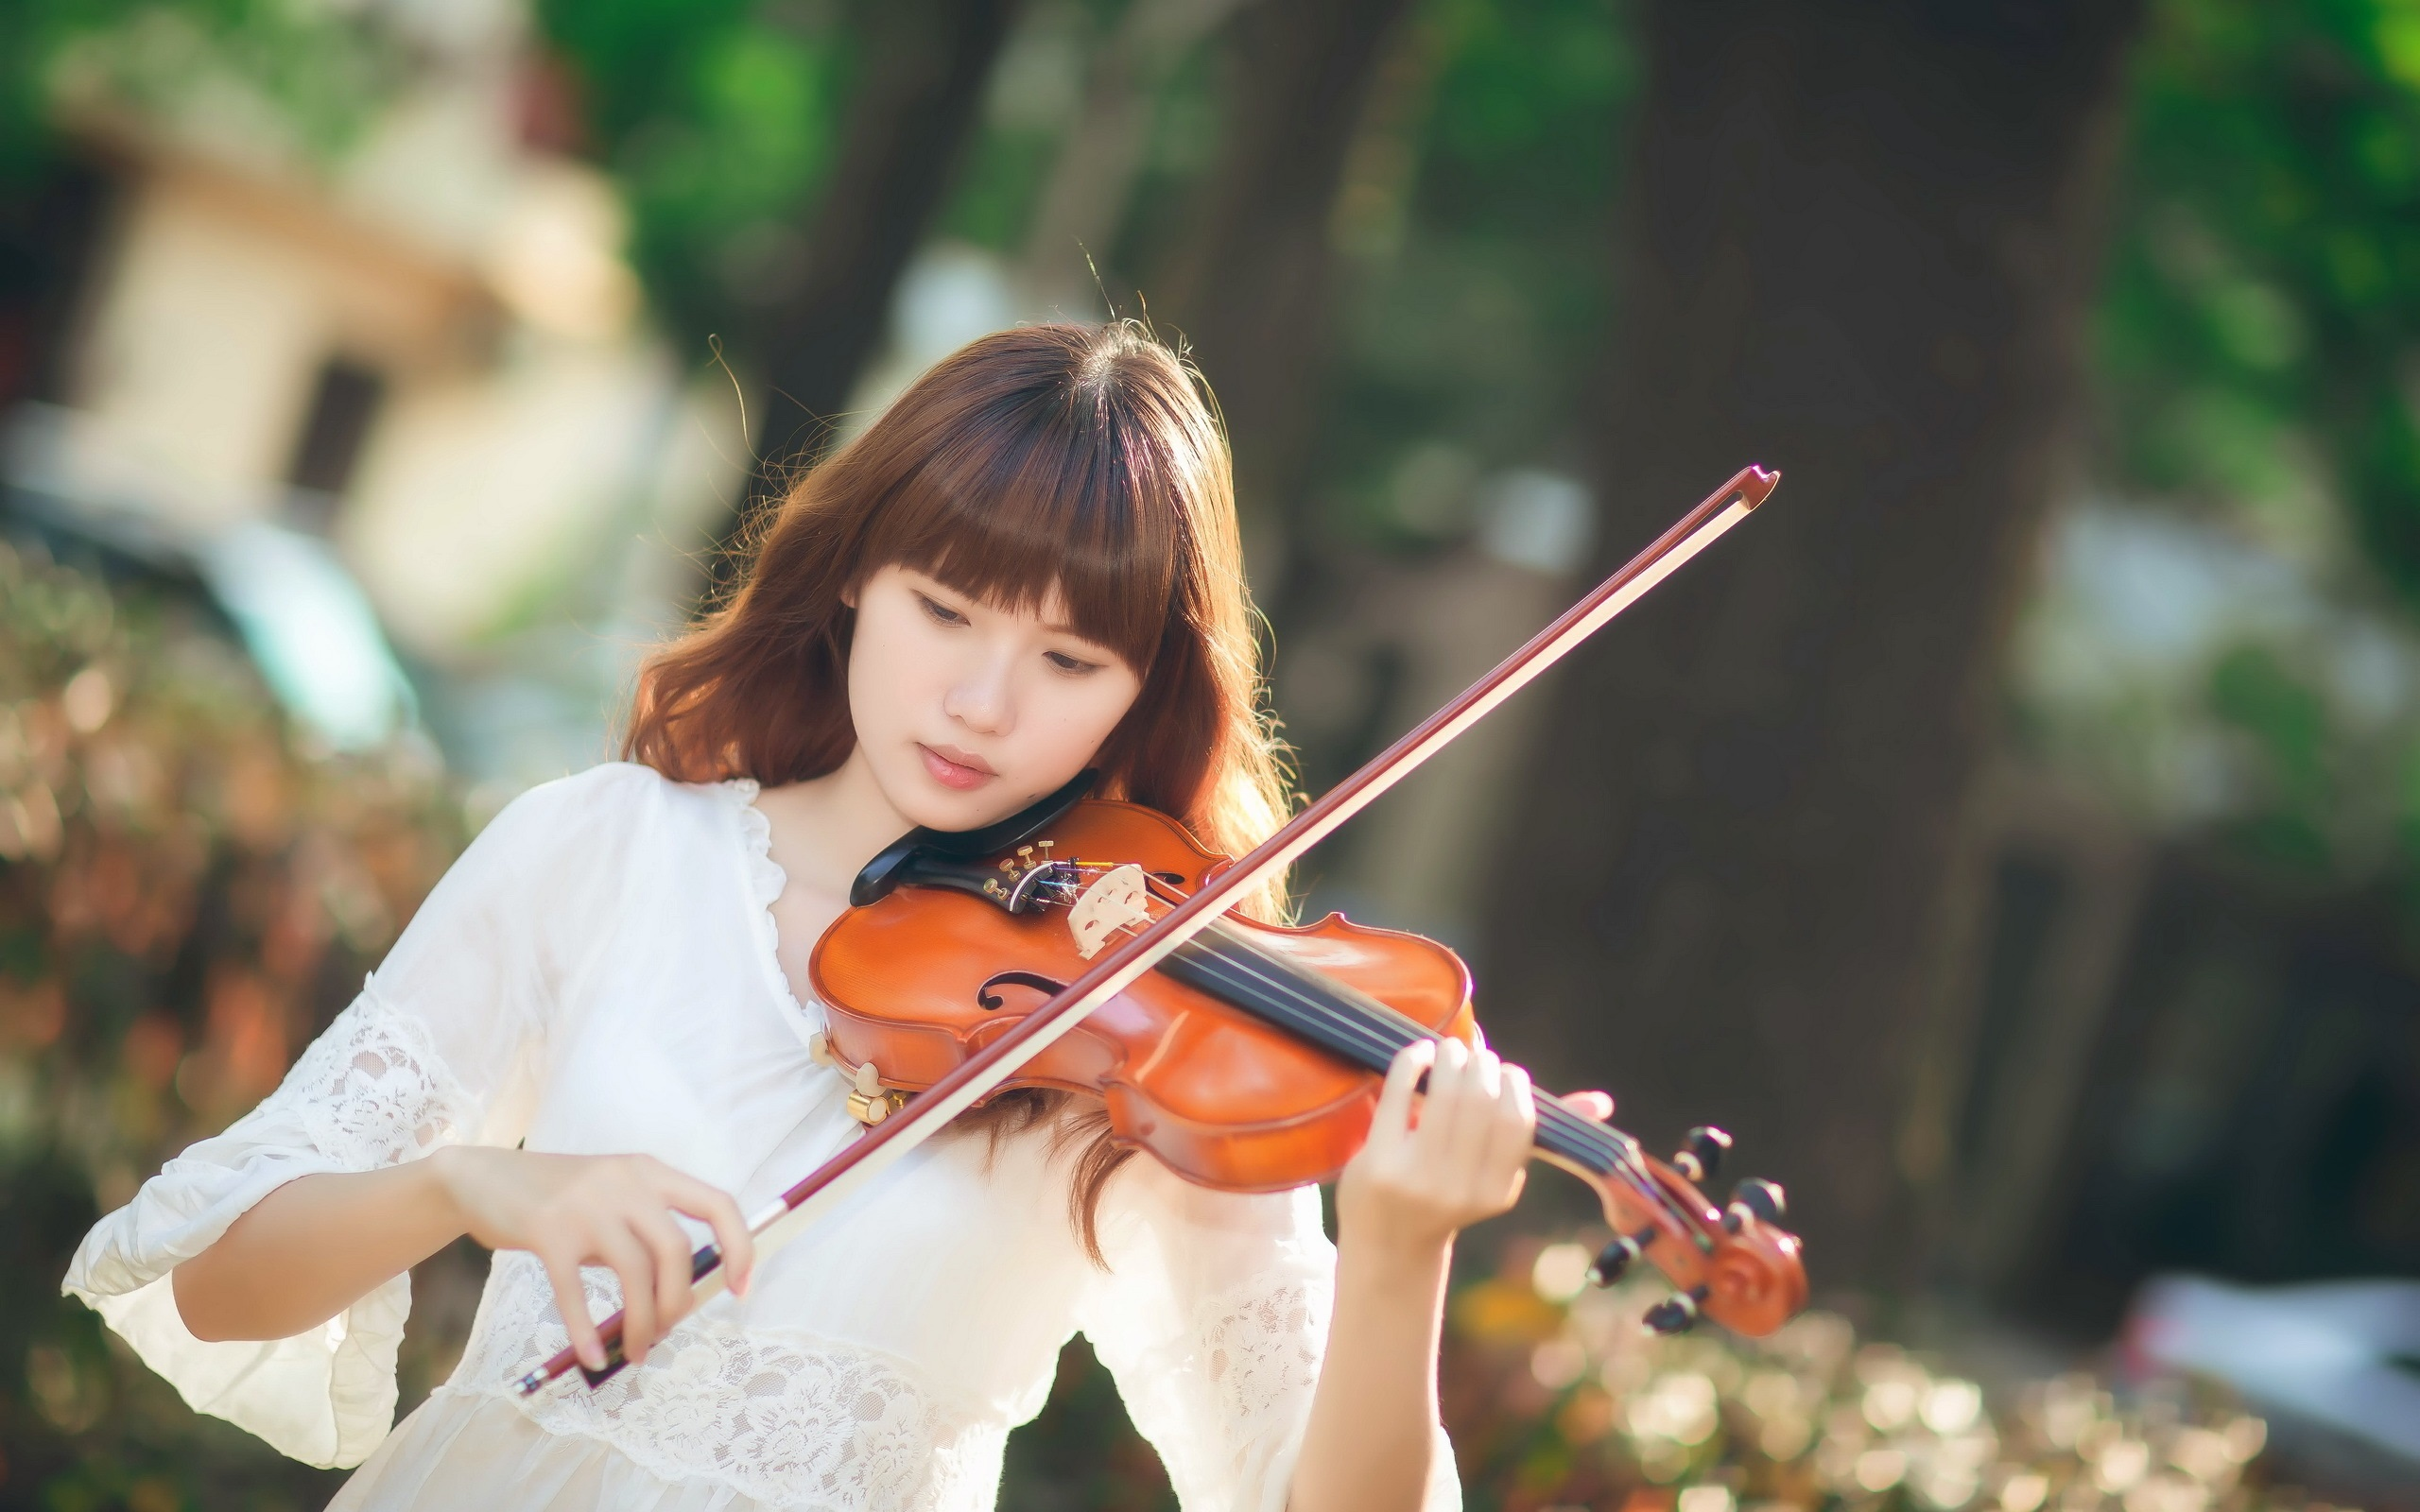 Азиатка с гитарой  № 466092 бесплатно